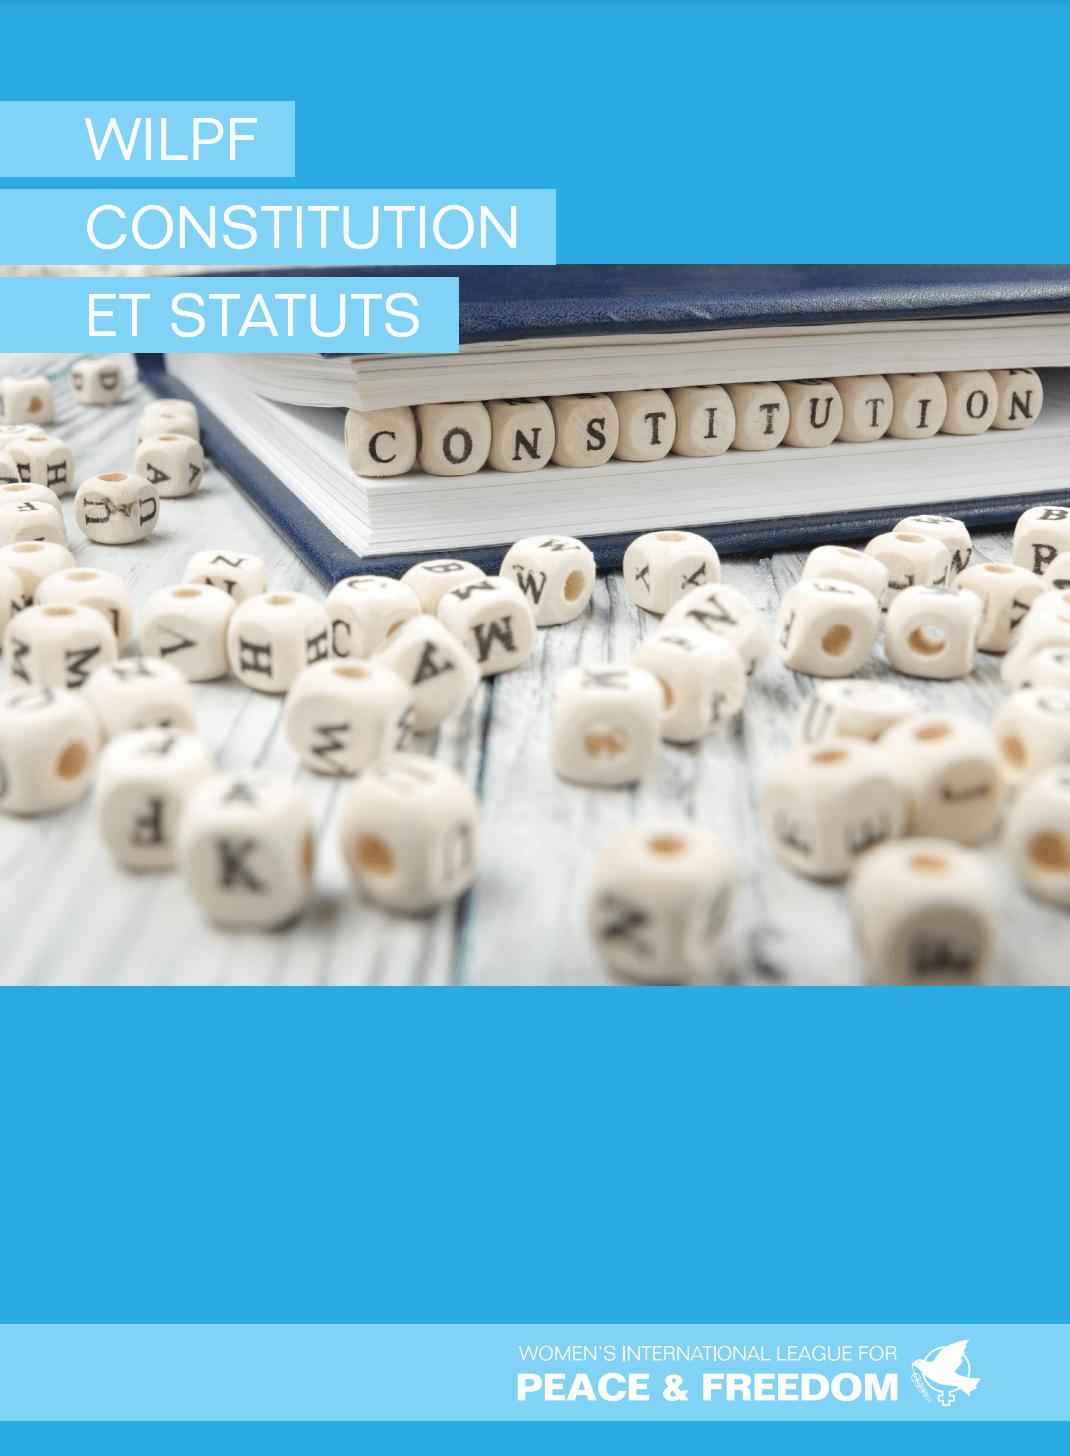 Constitution et statuts de WILPF